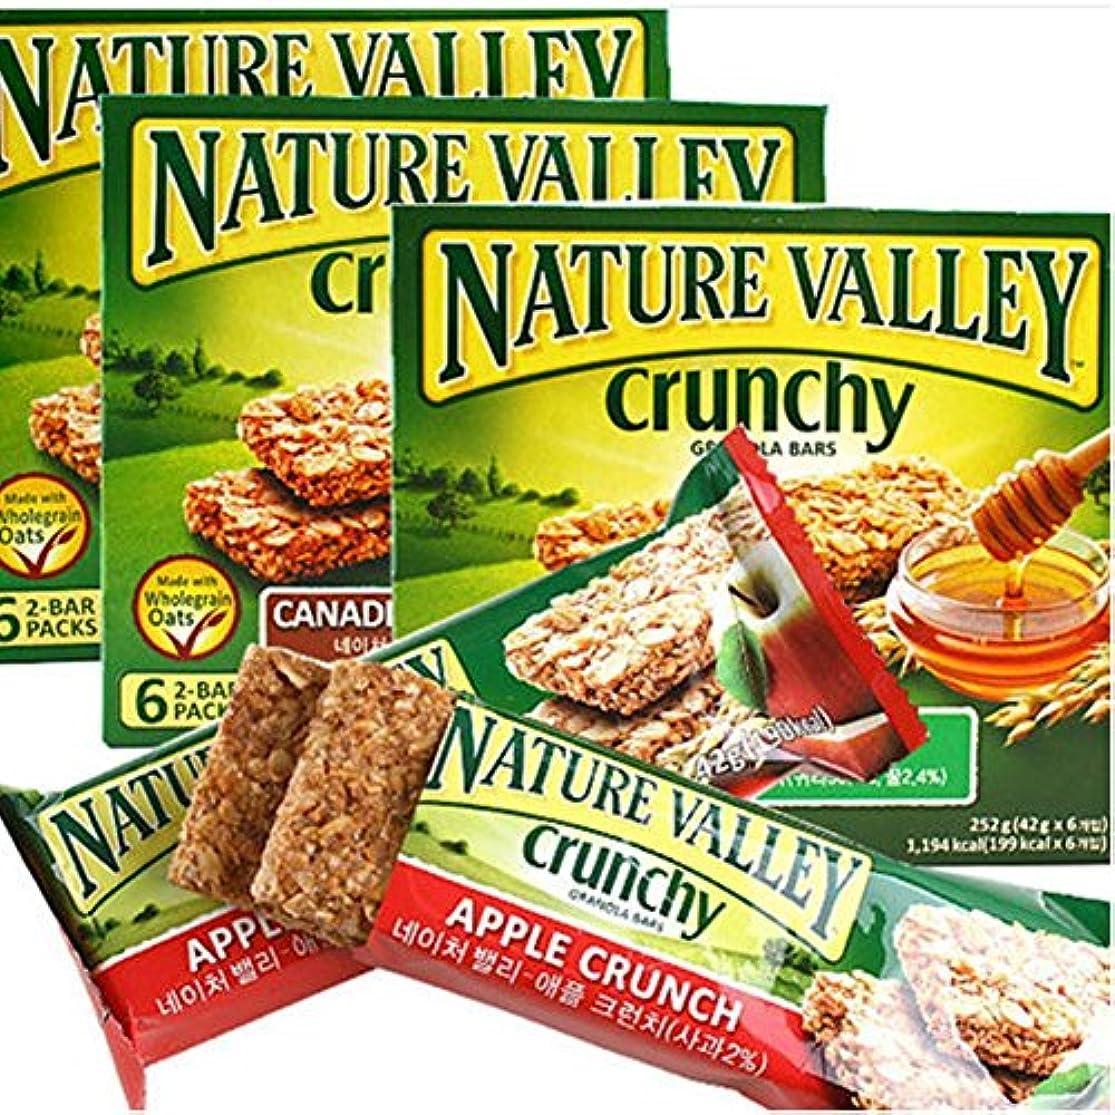 家庭気球浅い[ネイチャーバレー/Nature Valley] APPLE CRUNCH SYRUP/ネイチャーバレークランチグラノーラバー42g5パックx3 Box - アップルクランチシロップ(合計15袋)穀物バー/シリアル/栄養のバー[健康&ダイエット製品](海外直送品)